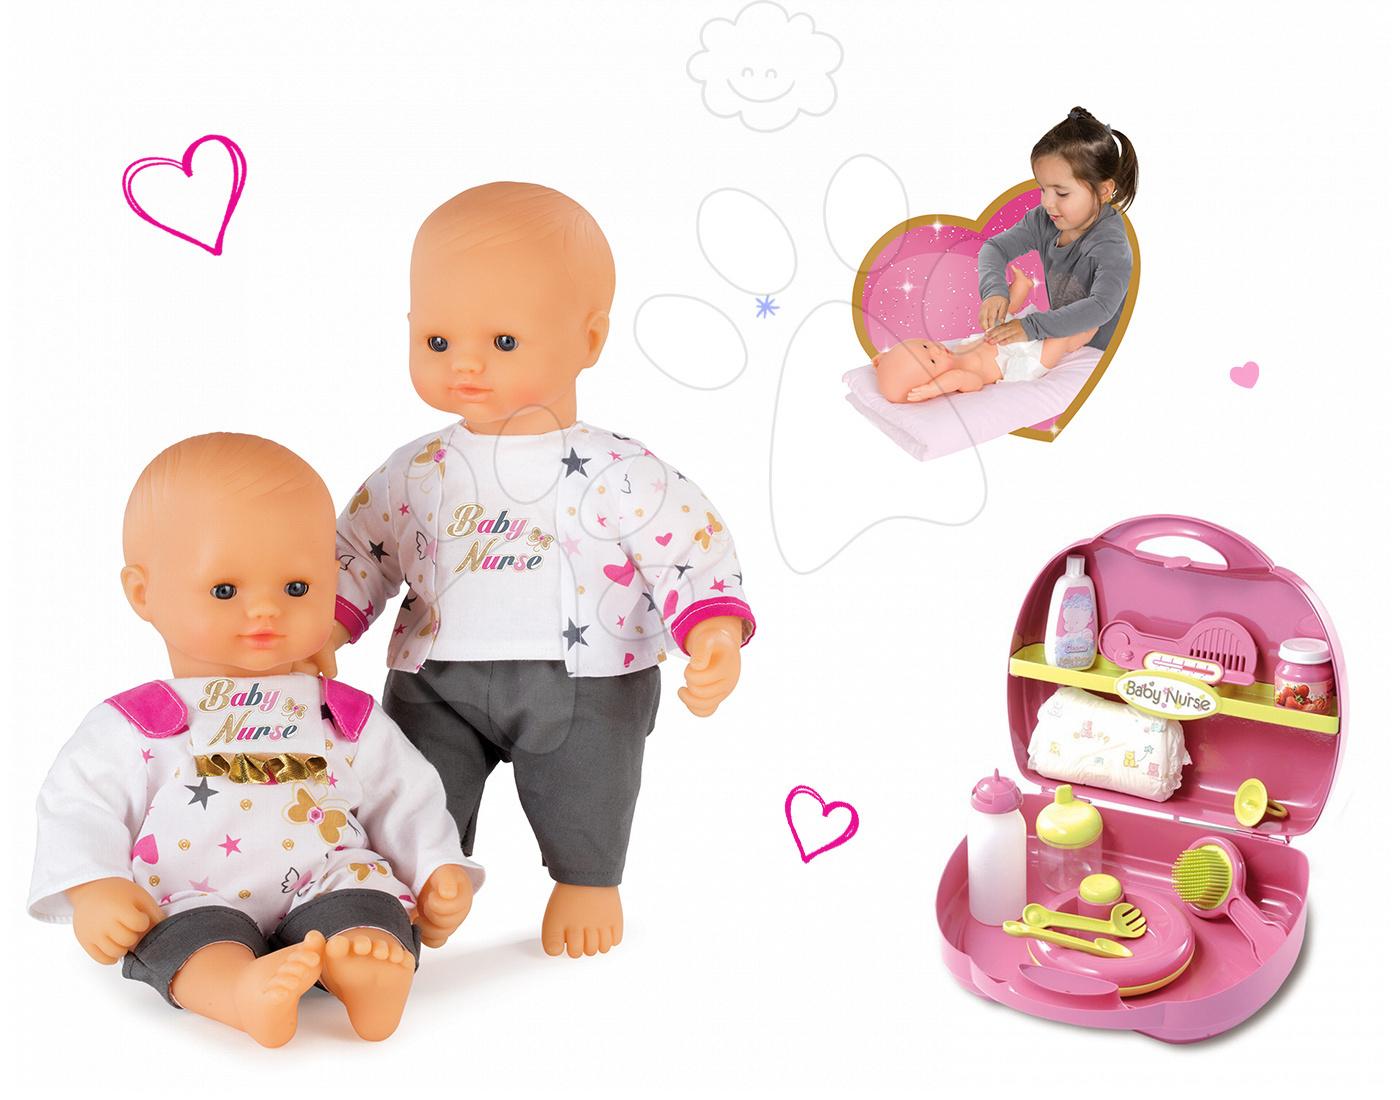 Set panenka Baby Nurse Zlatá edice Smoby 32 cm, přebalovací sada pro panenku v kufříku od 24 měsíců